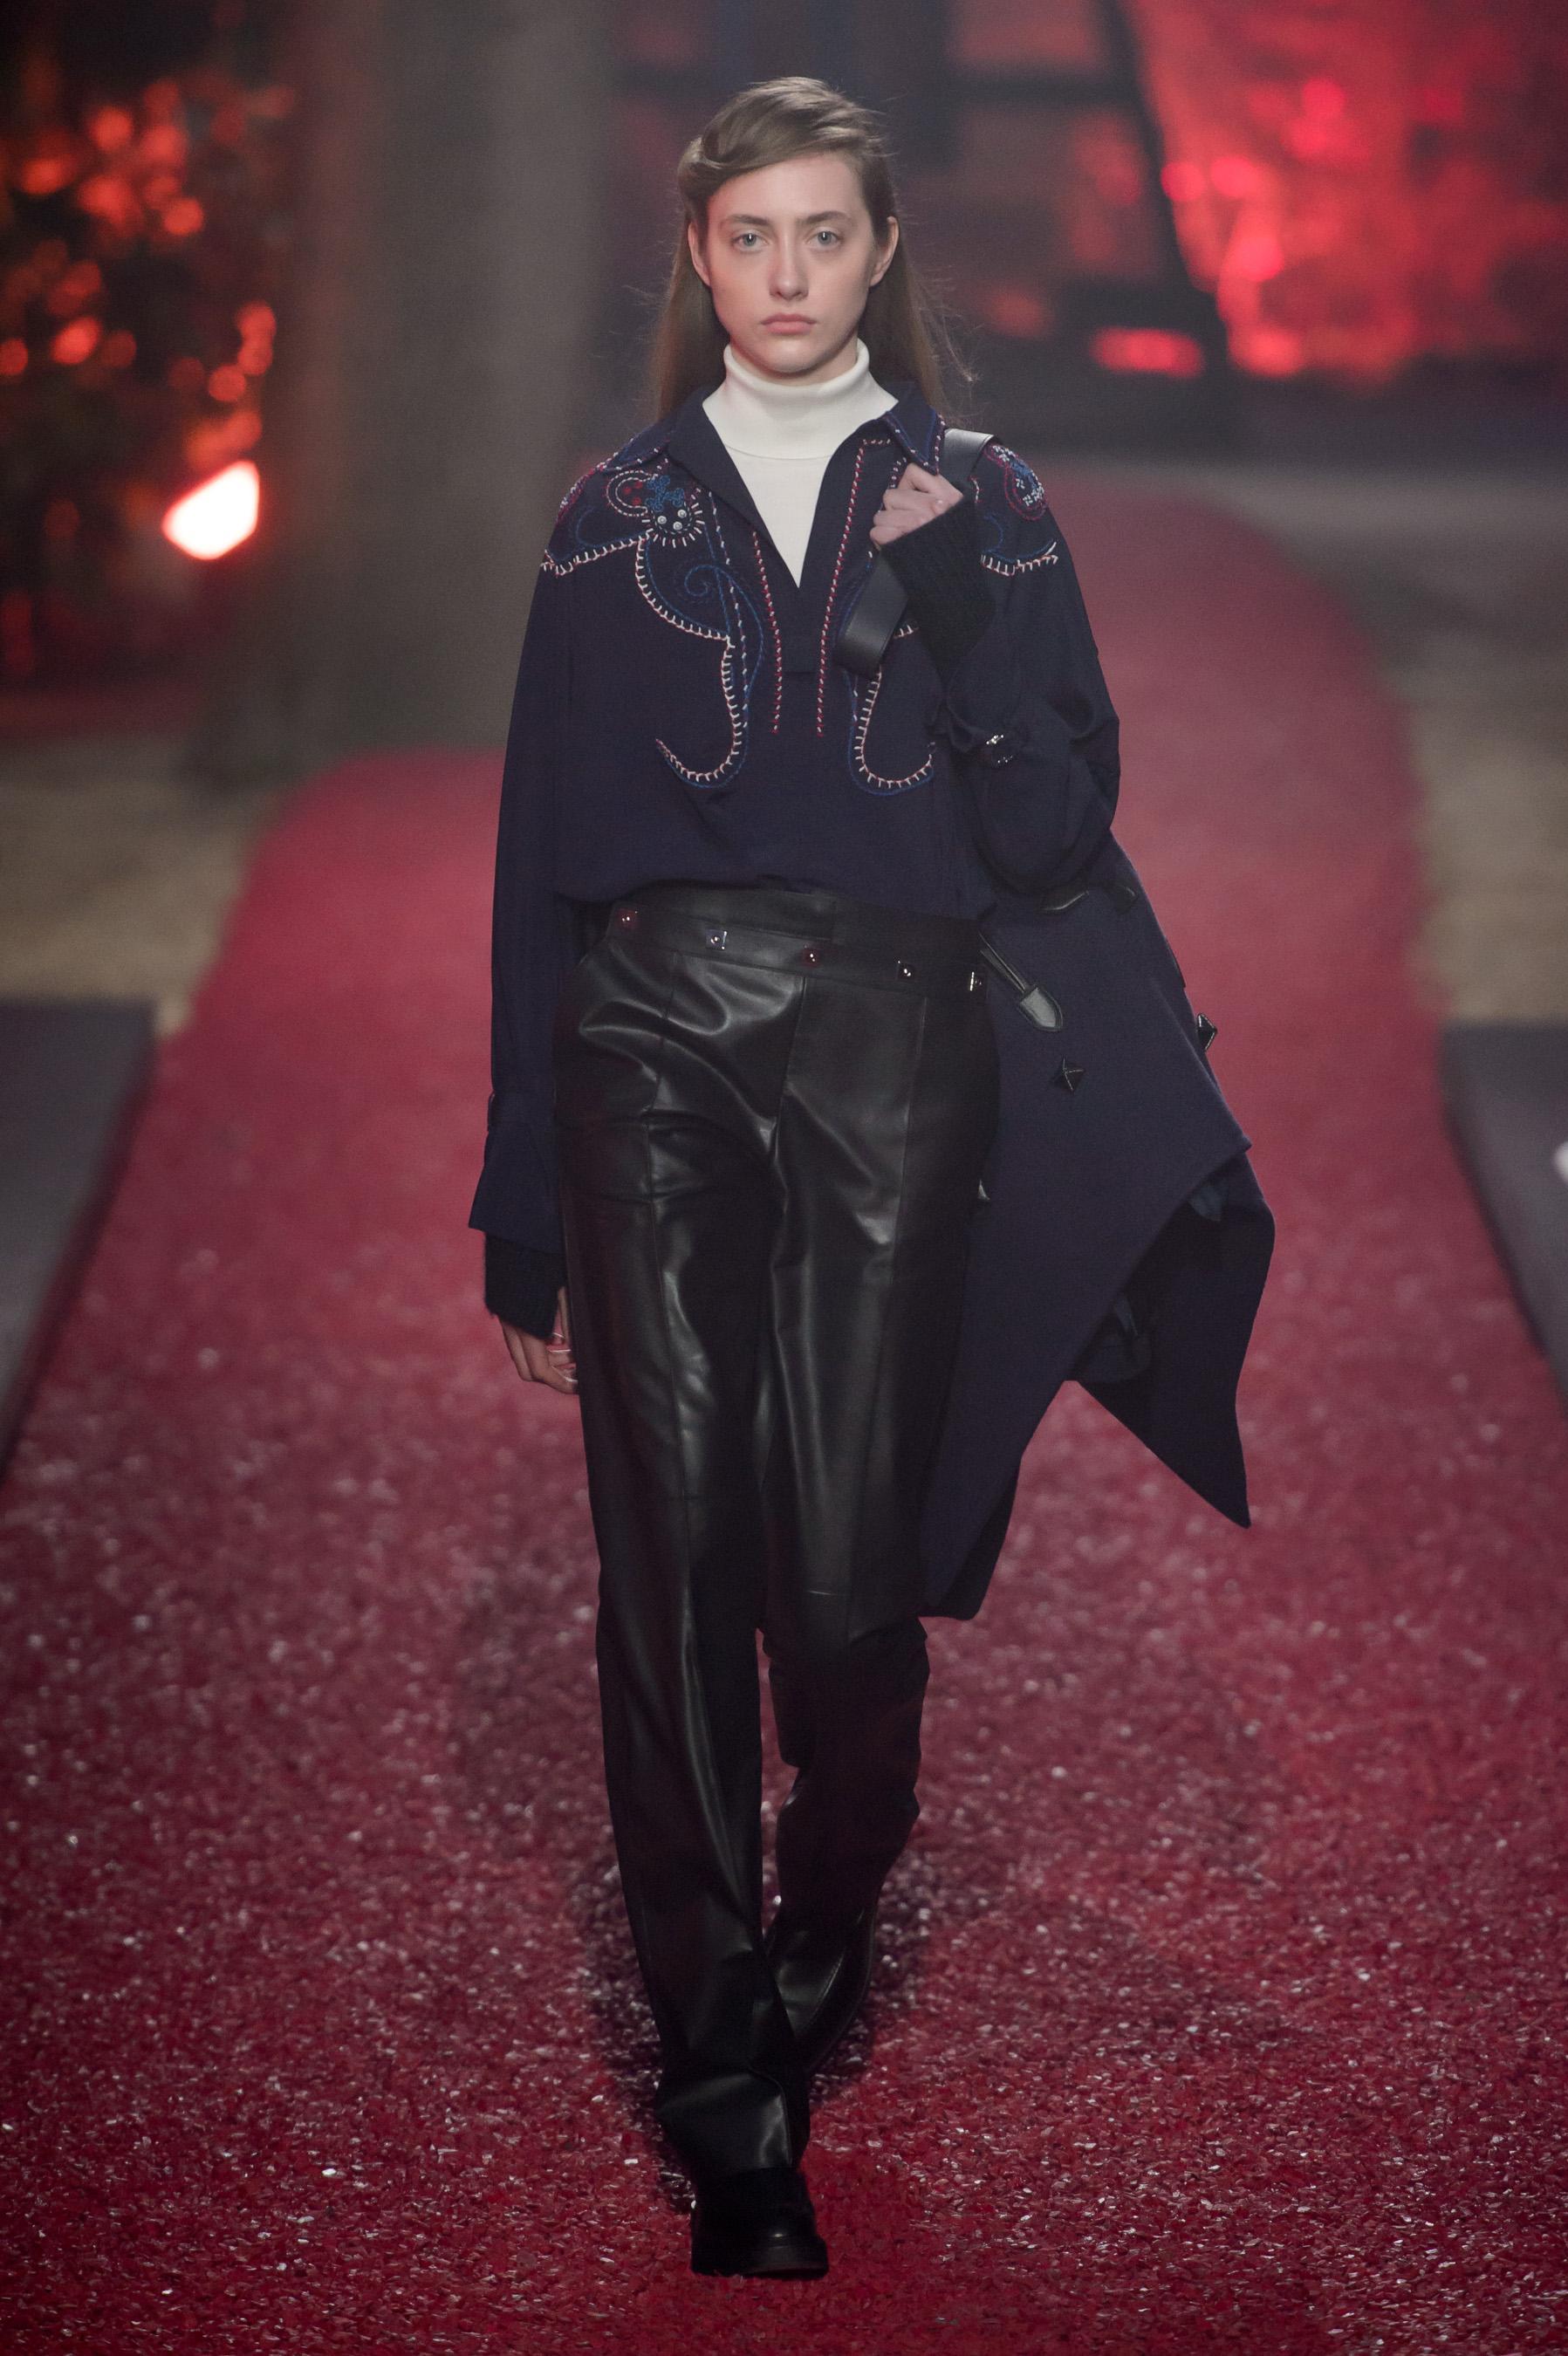 9448ccc80acf Défilé Hermès automne-hiver 2018-2019 Prêt-à-porter - Madame Figaro